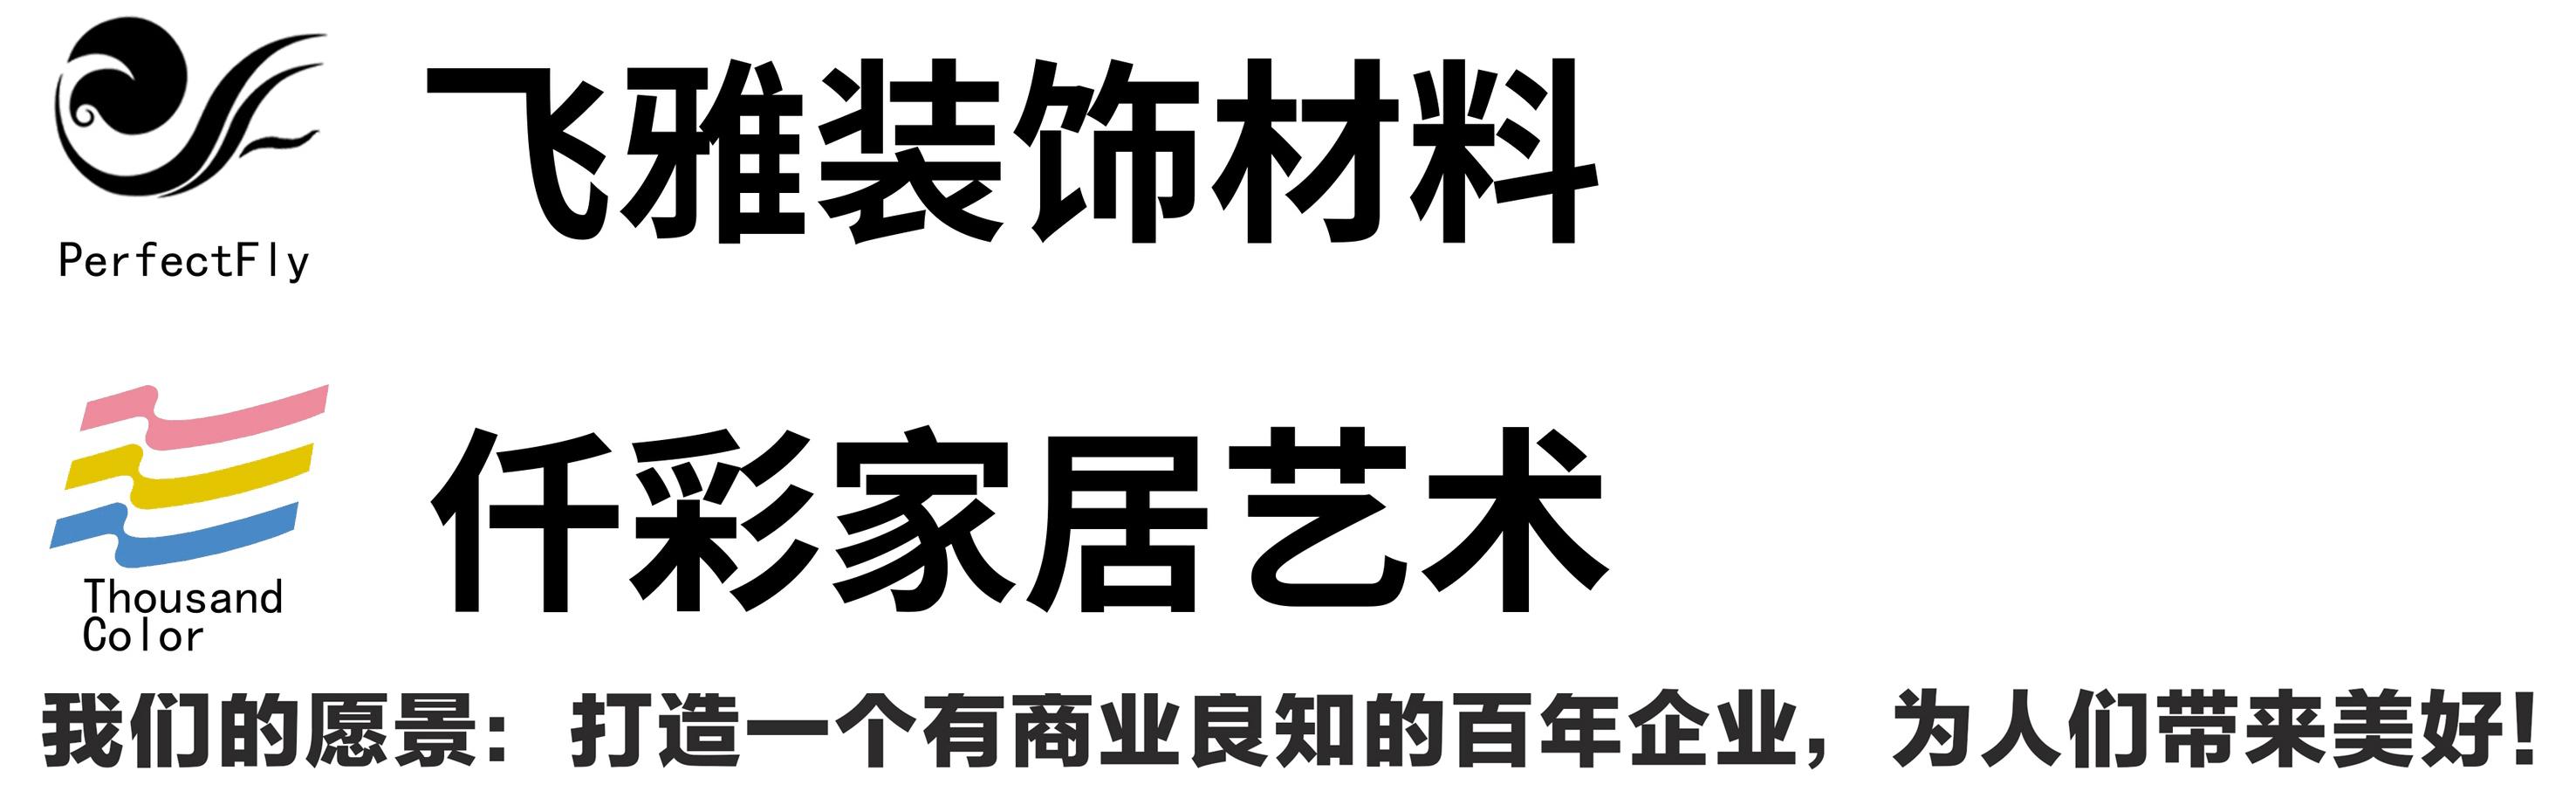 深圳市仟彩家居藝術有限公司